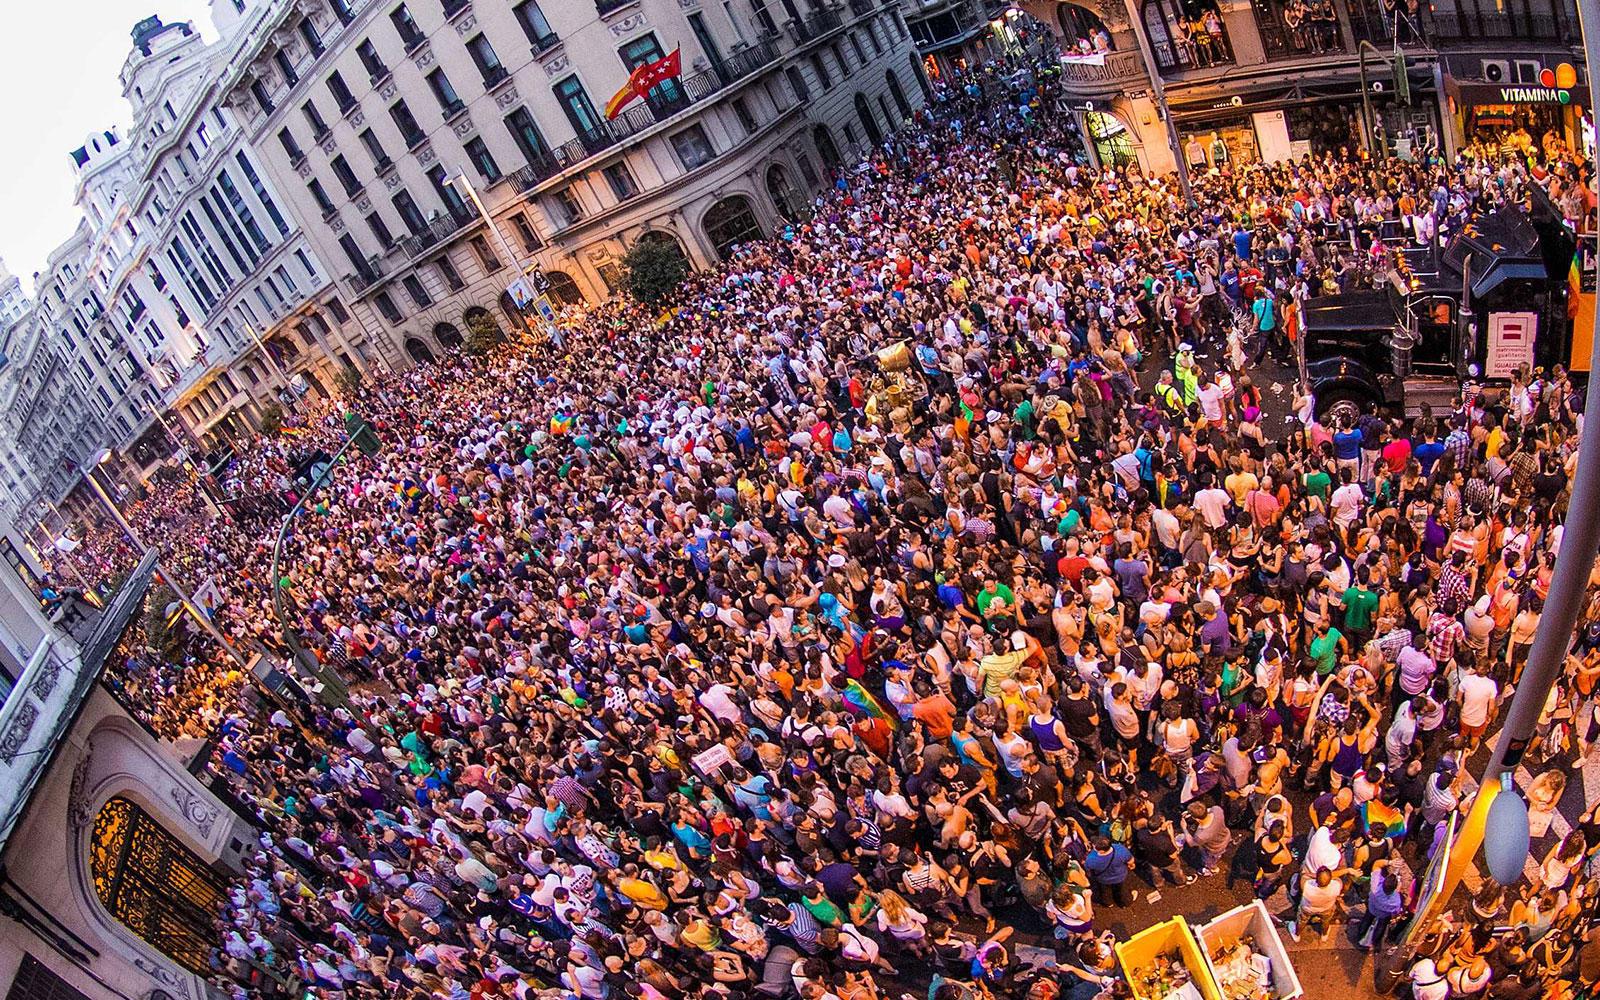 La manifestación del Orgullo congrega a cientos de miles de personas cada año en Madrid